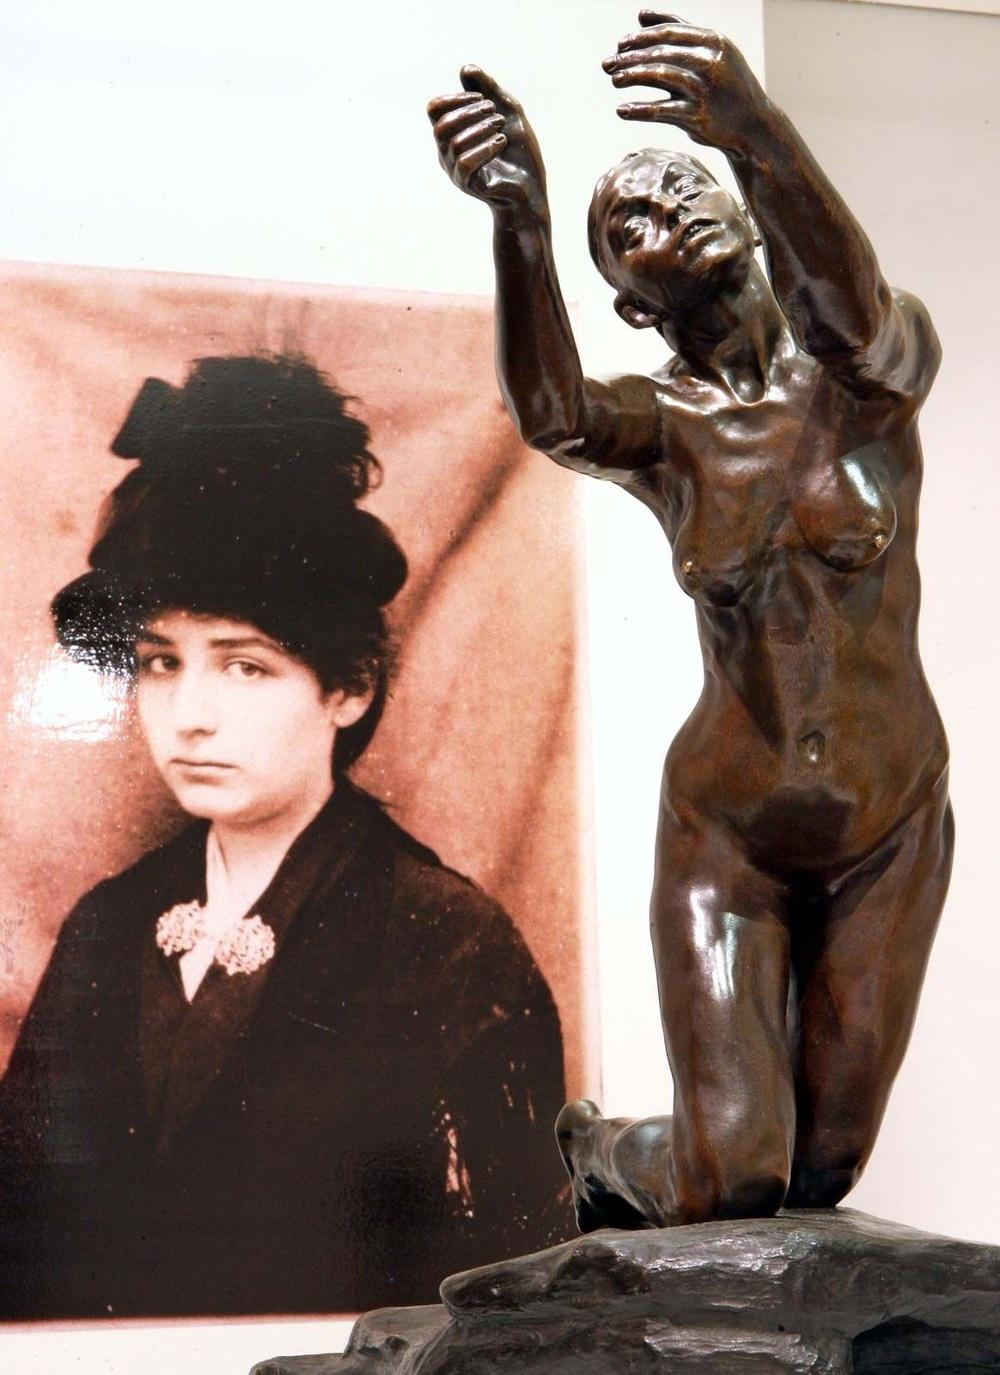 Nàng thơ Camille Claudel: Cuộc đời đầy nước mắt, chết trong cô độc của nhà điêu khắc Pháp - Ảnh 4.